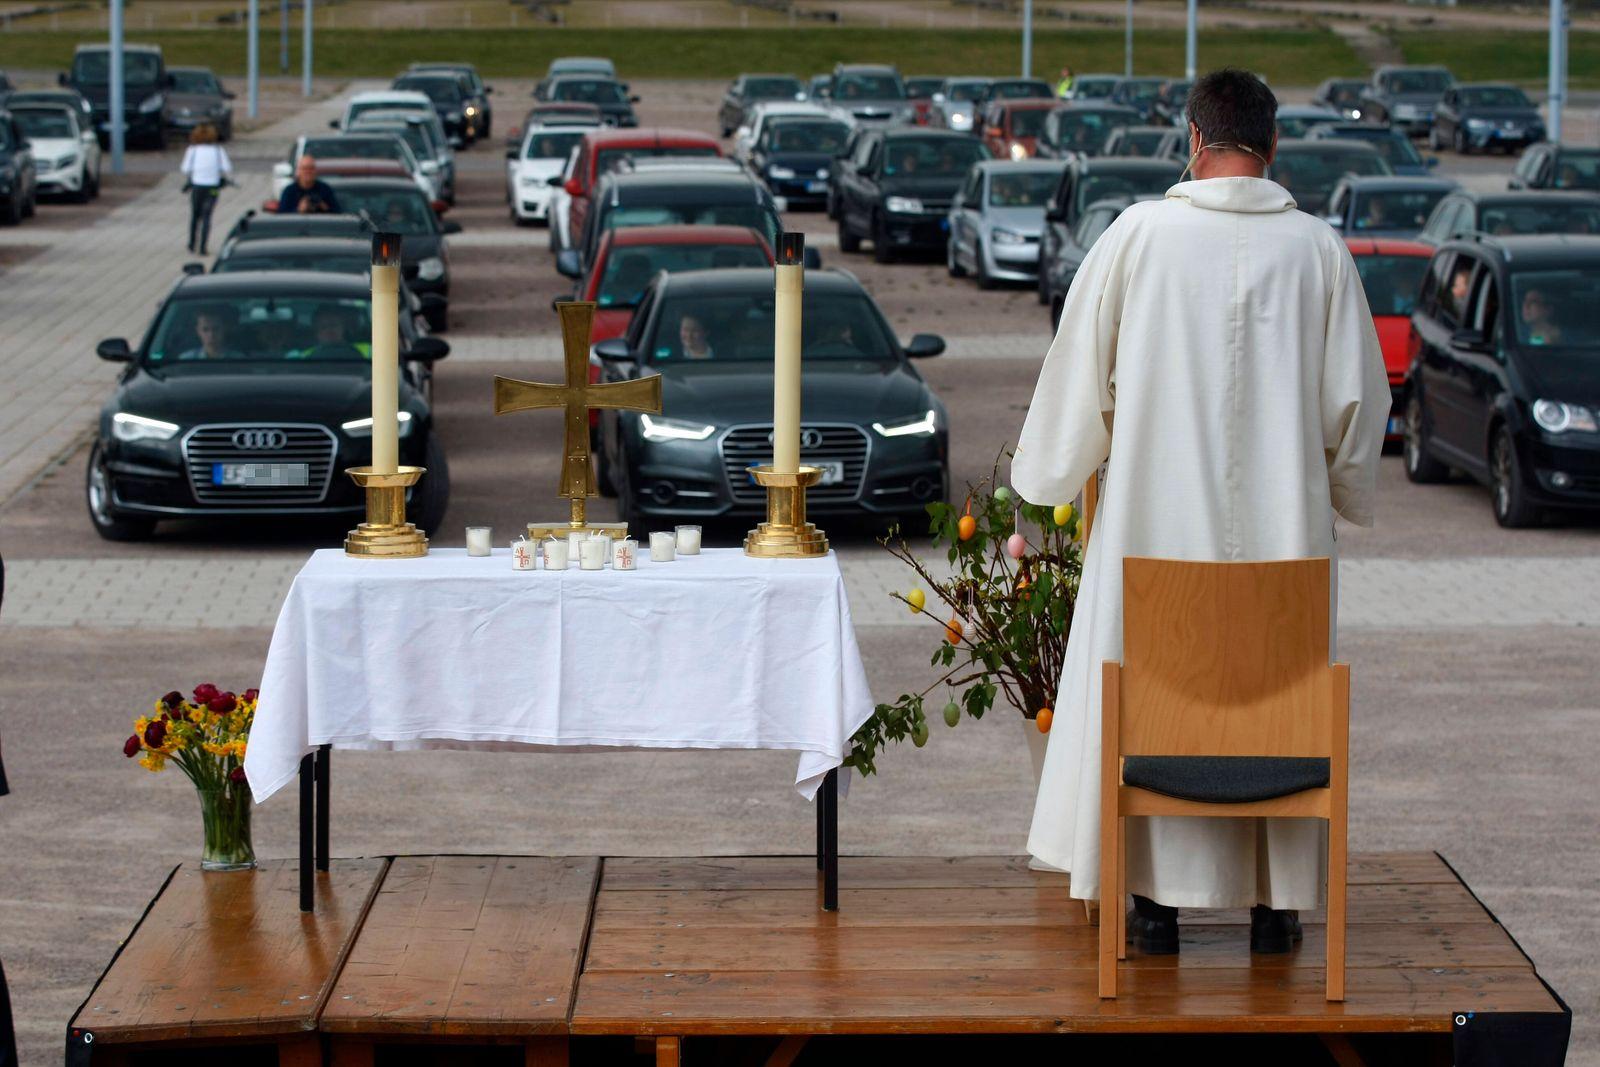 Erfurt, 12.04.2020 Pfarrer Christoph Knoll von der Thomasgemeinde Erfurt hält den Auto-Ostergottesdienst am Ostersonnta